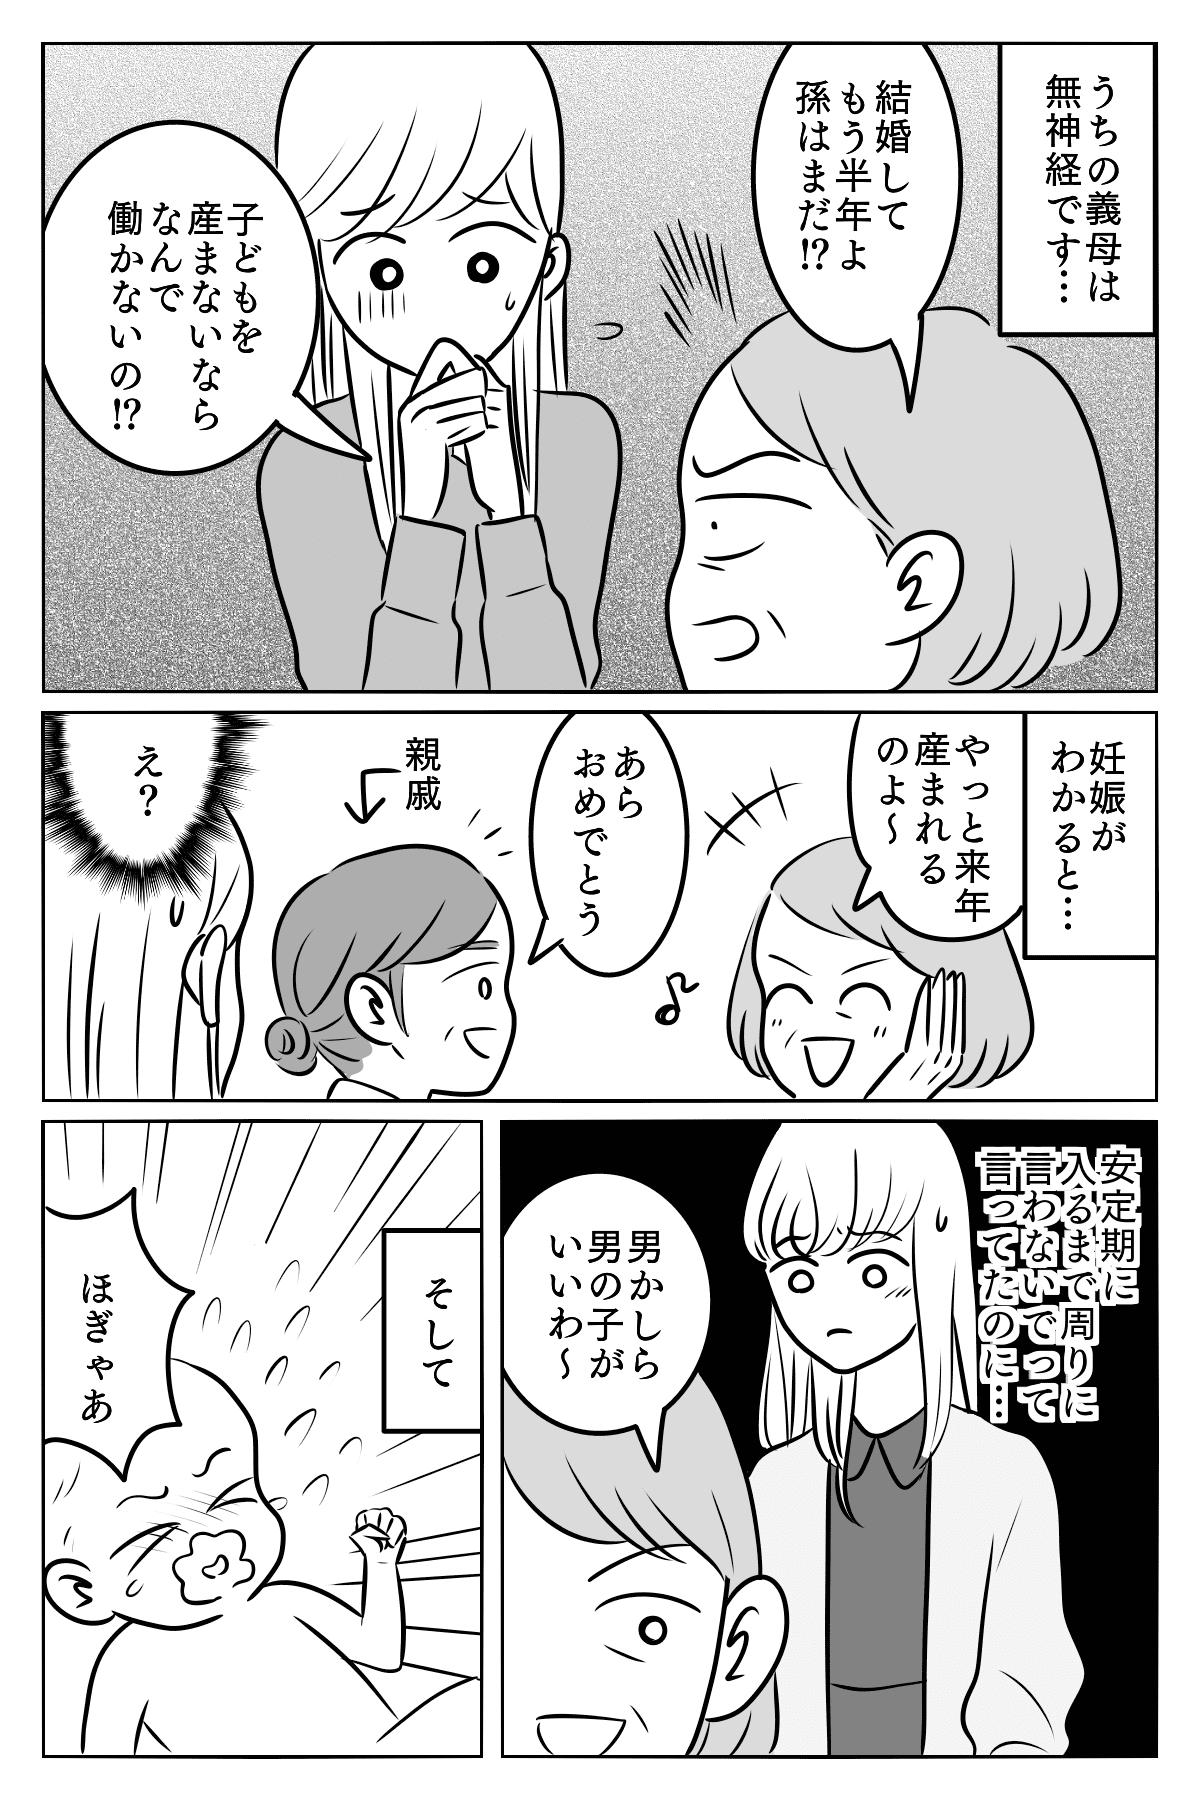 無神経義母前編01